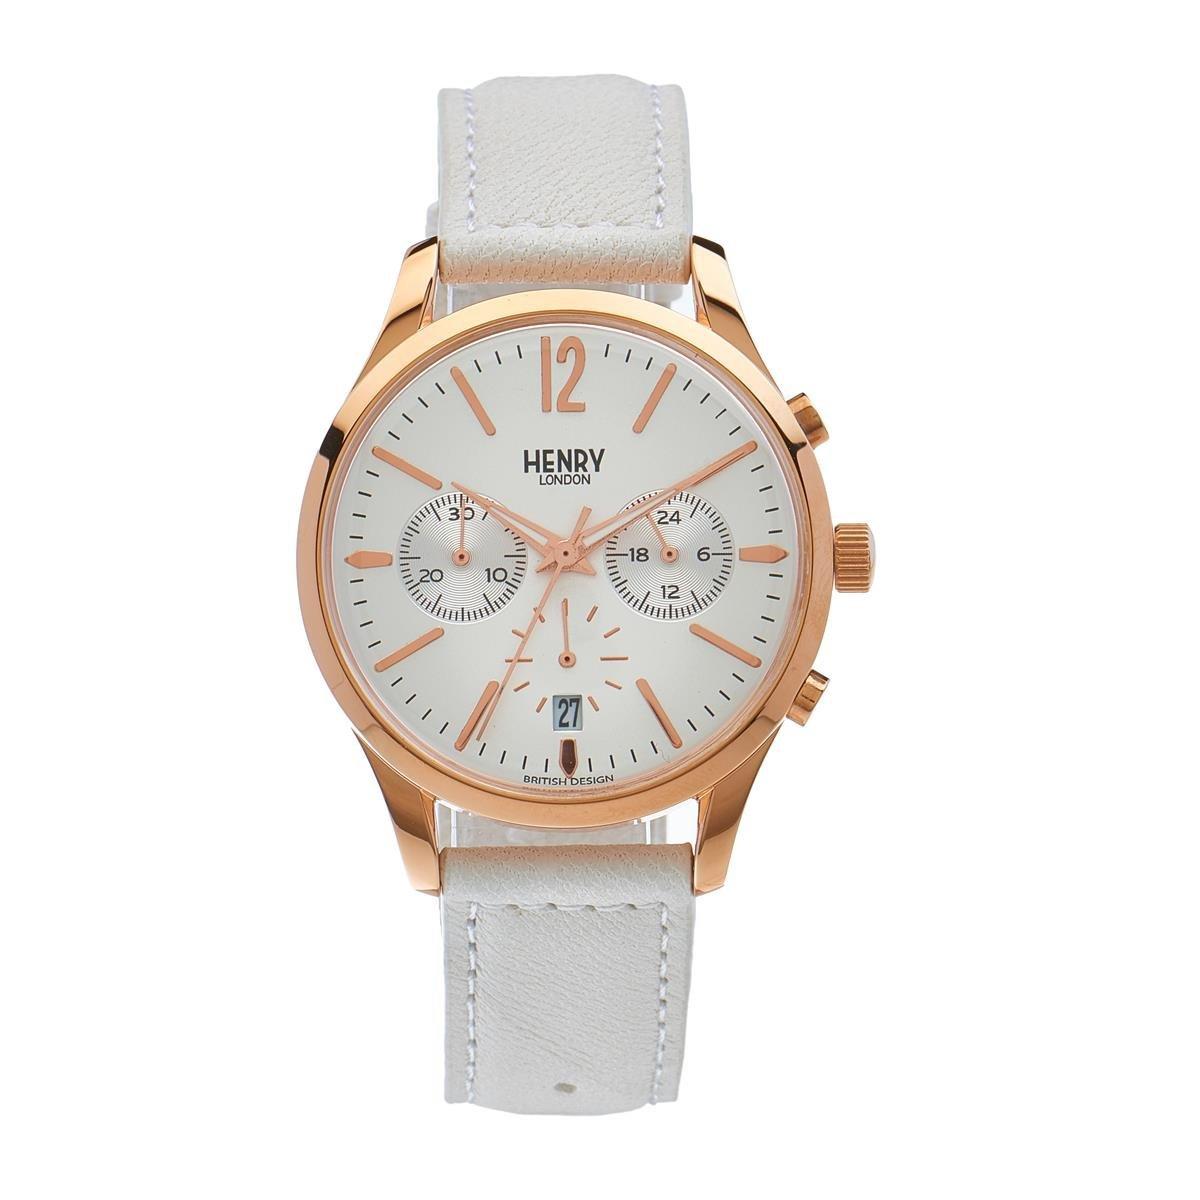 Henry de Londres Unisex Reloj de Pulsera Pimlico Cronógrafo Cuarzo Piel hl39 de CS de 0126 (Reacondicionado Certificado): Amazon.es: Relojes